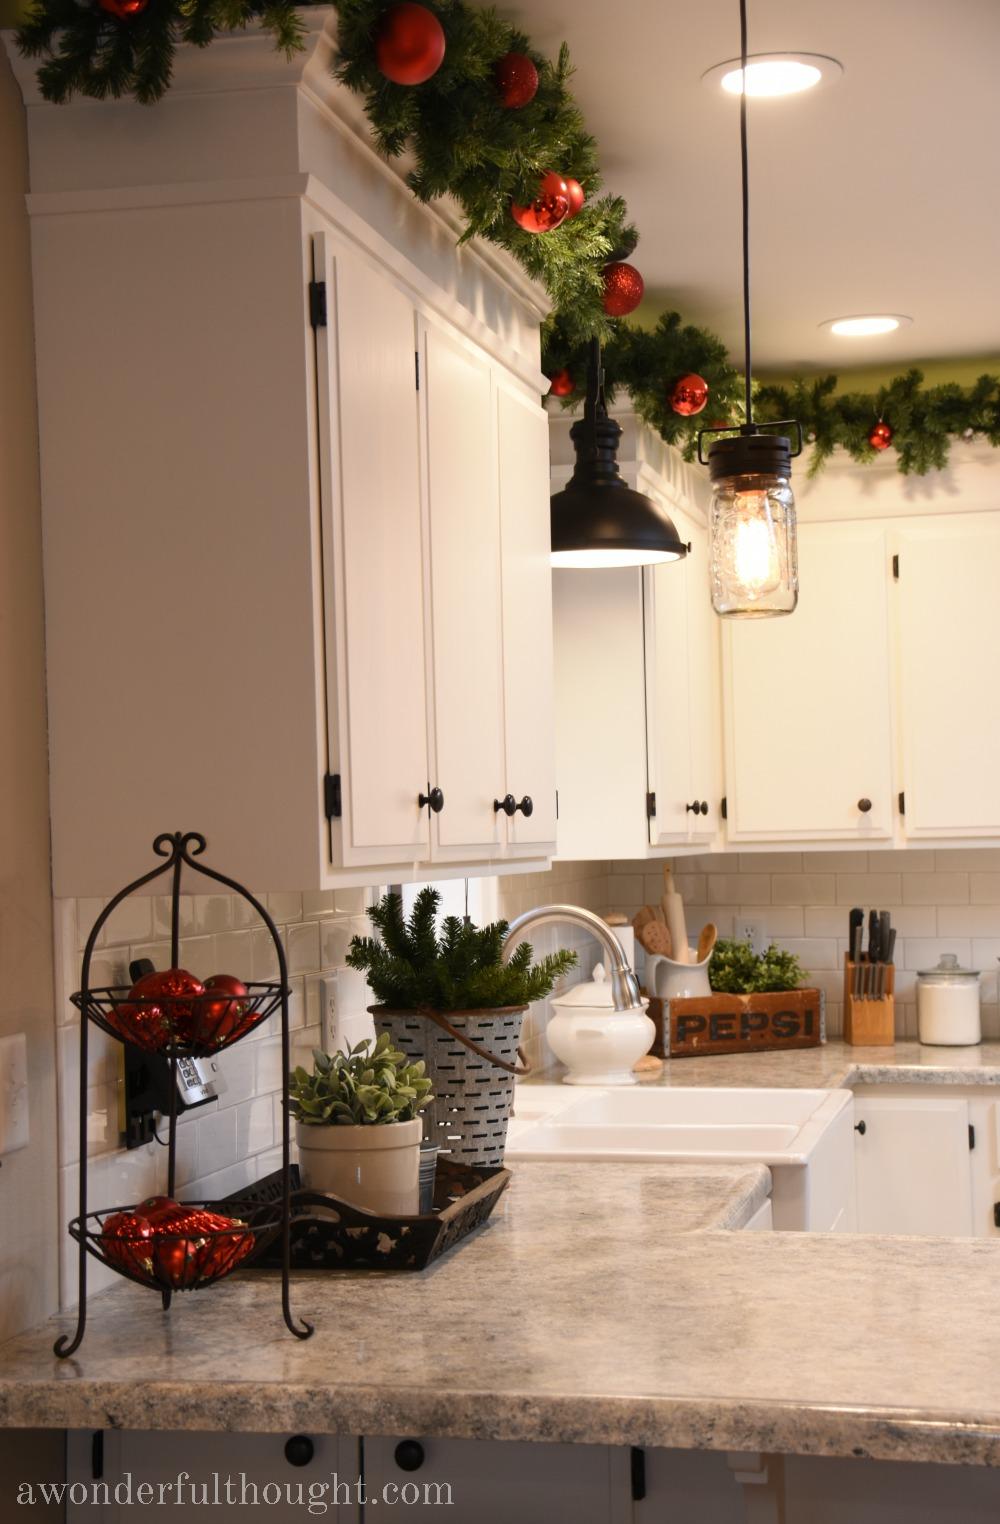 dekorasi natal rumah kabinet dapur